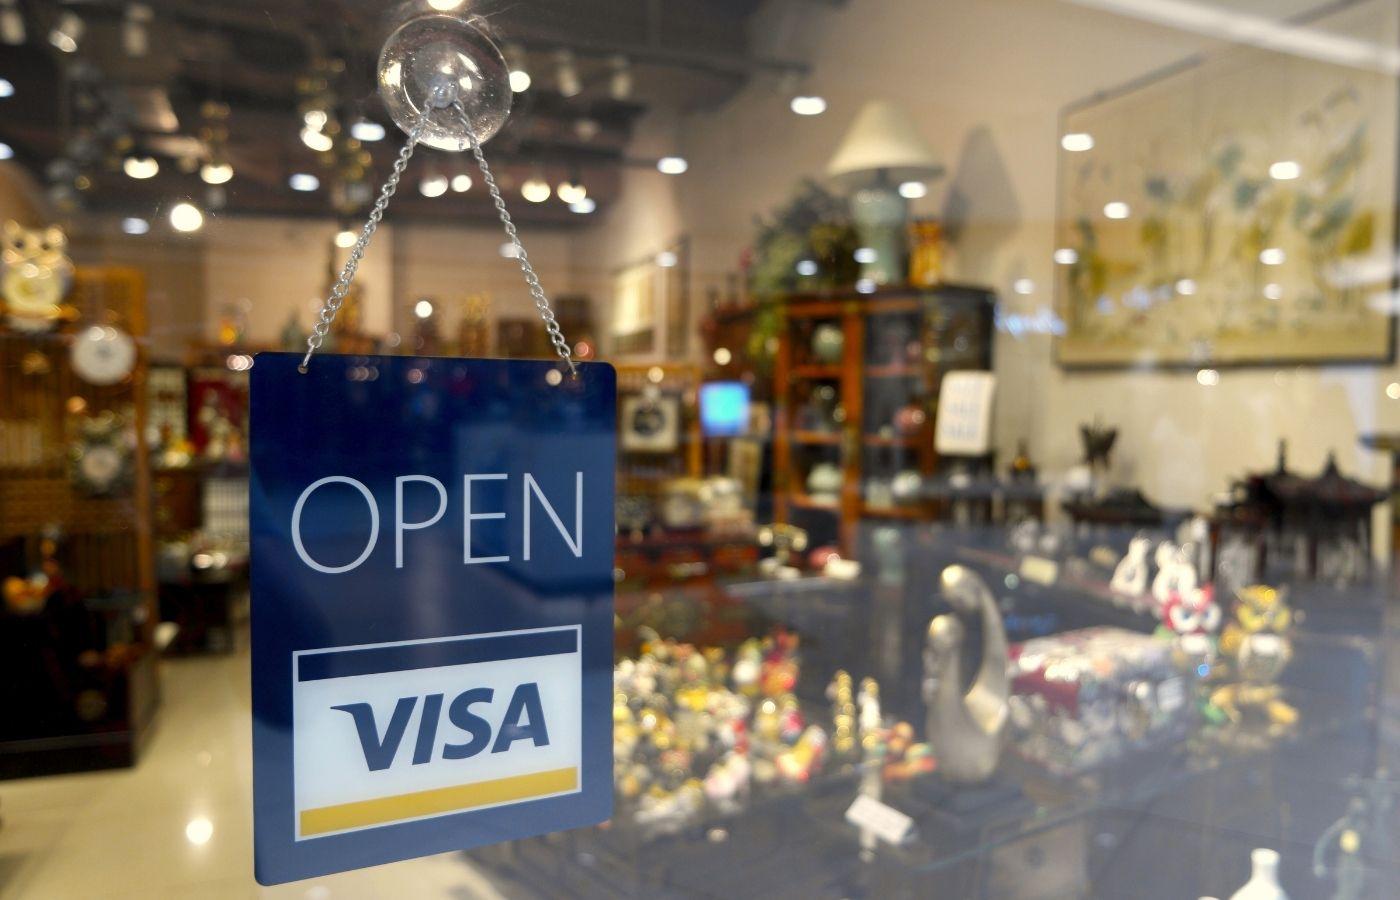 Aktivace olympijského sponzoringu Visa | Sportbiz